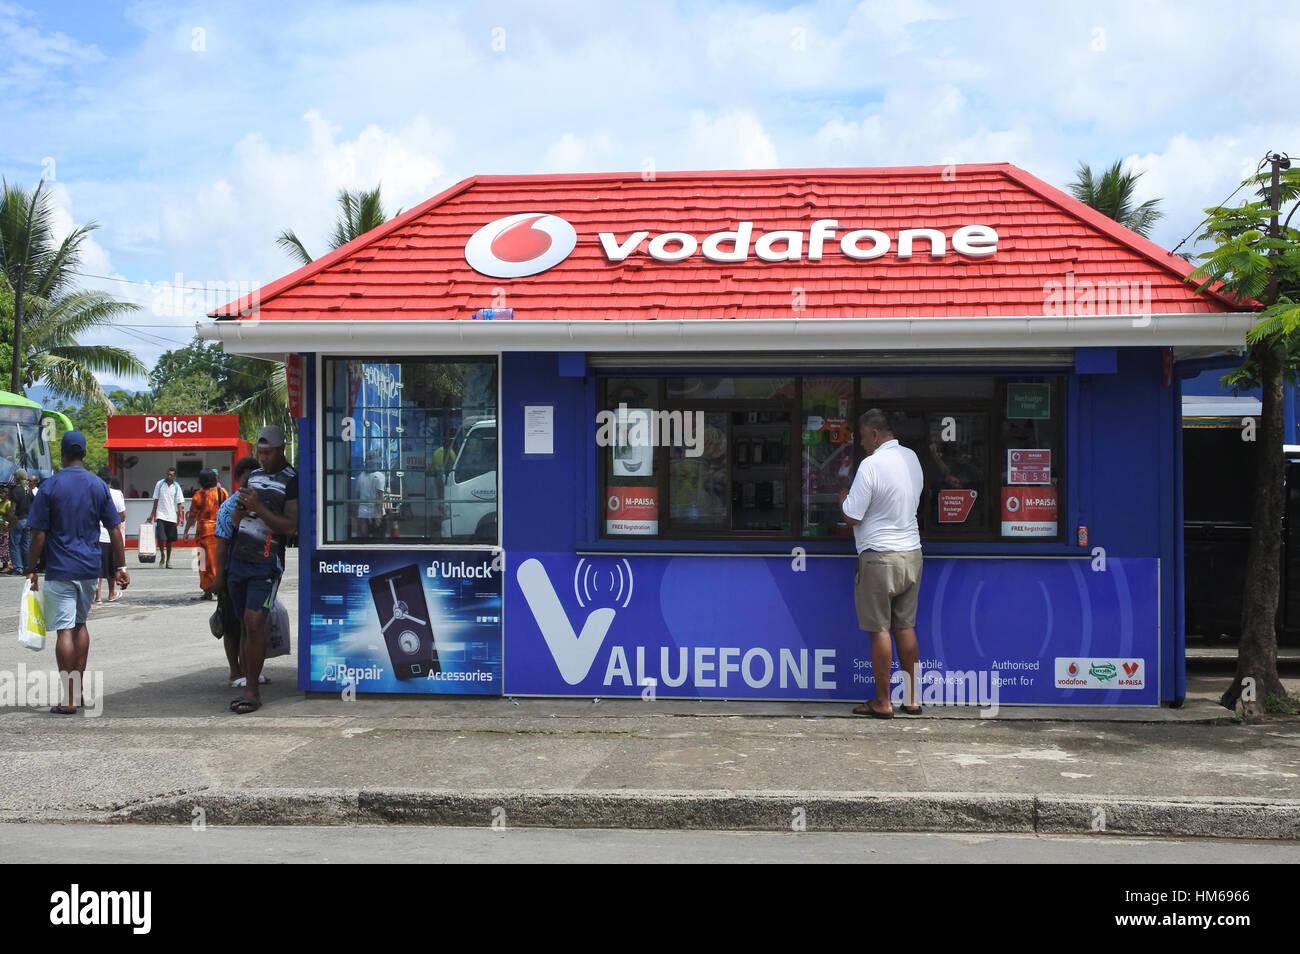 Vodafone Store Exterior Stock Photos   Vodafone Store Exterior Stock ... 39fe5781fb9